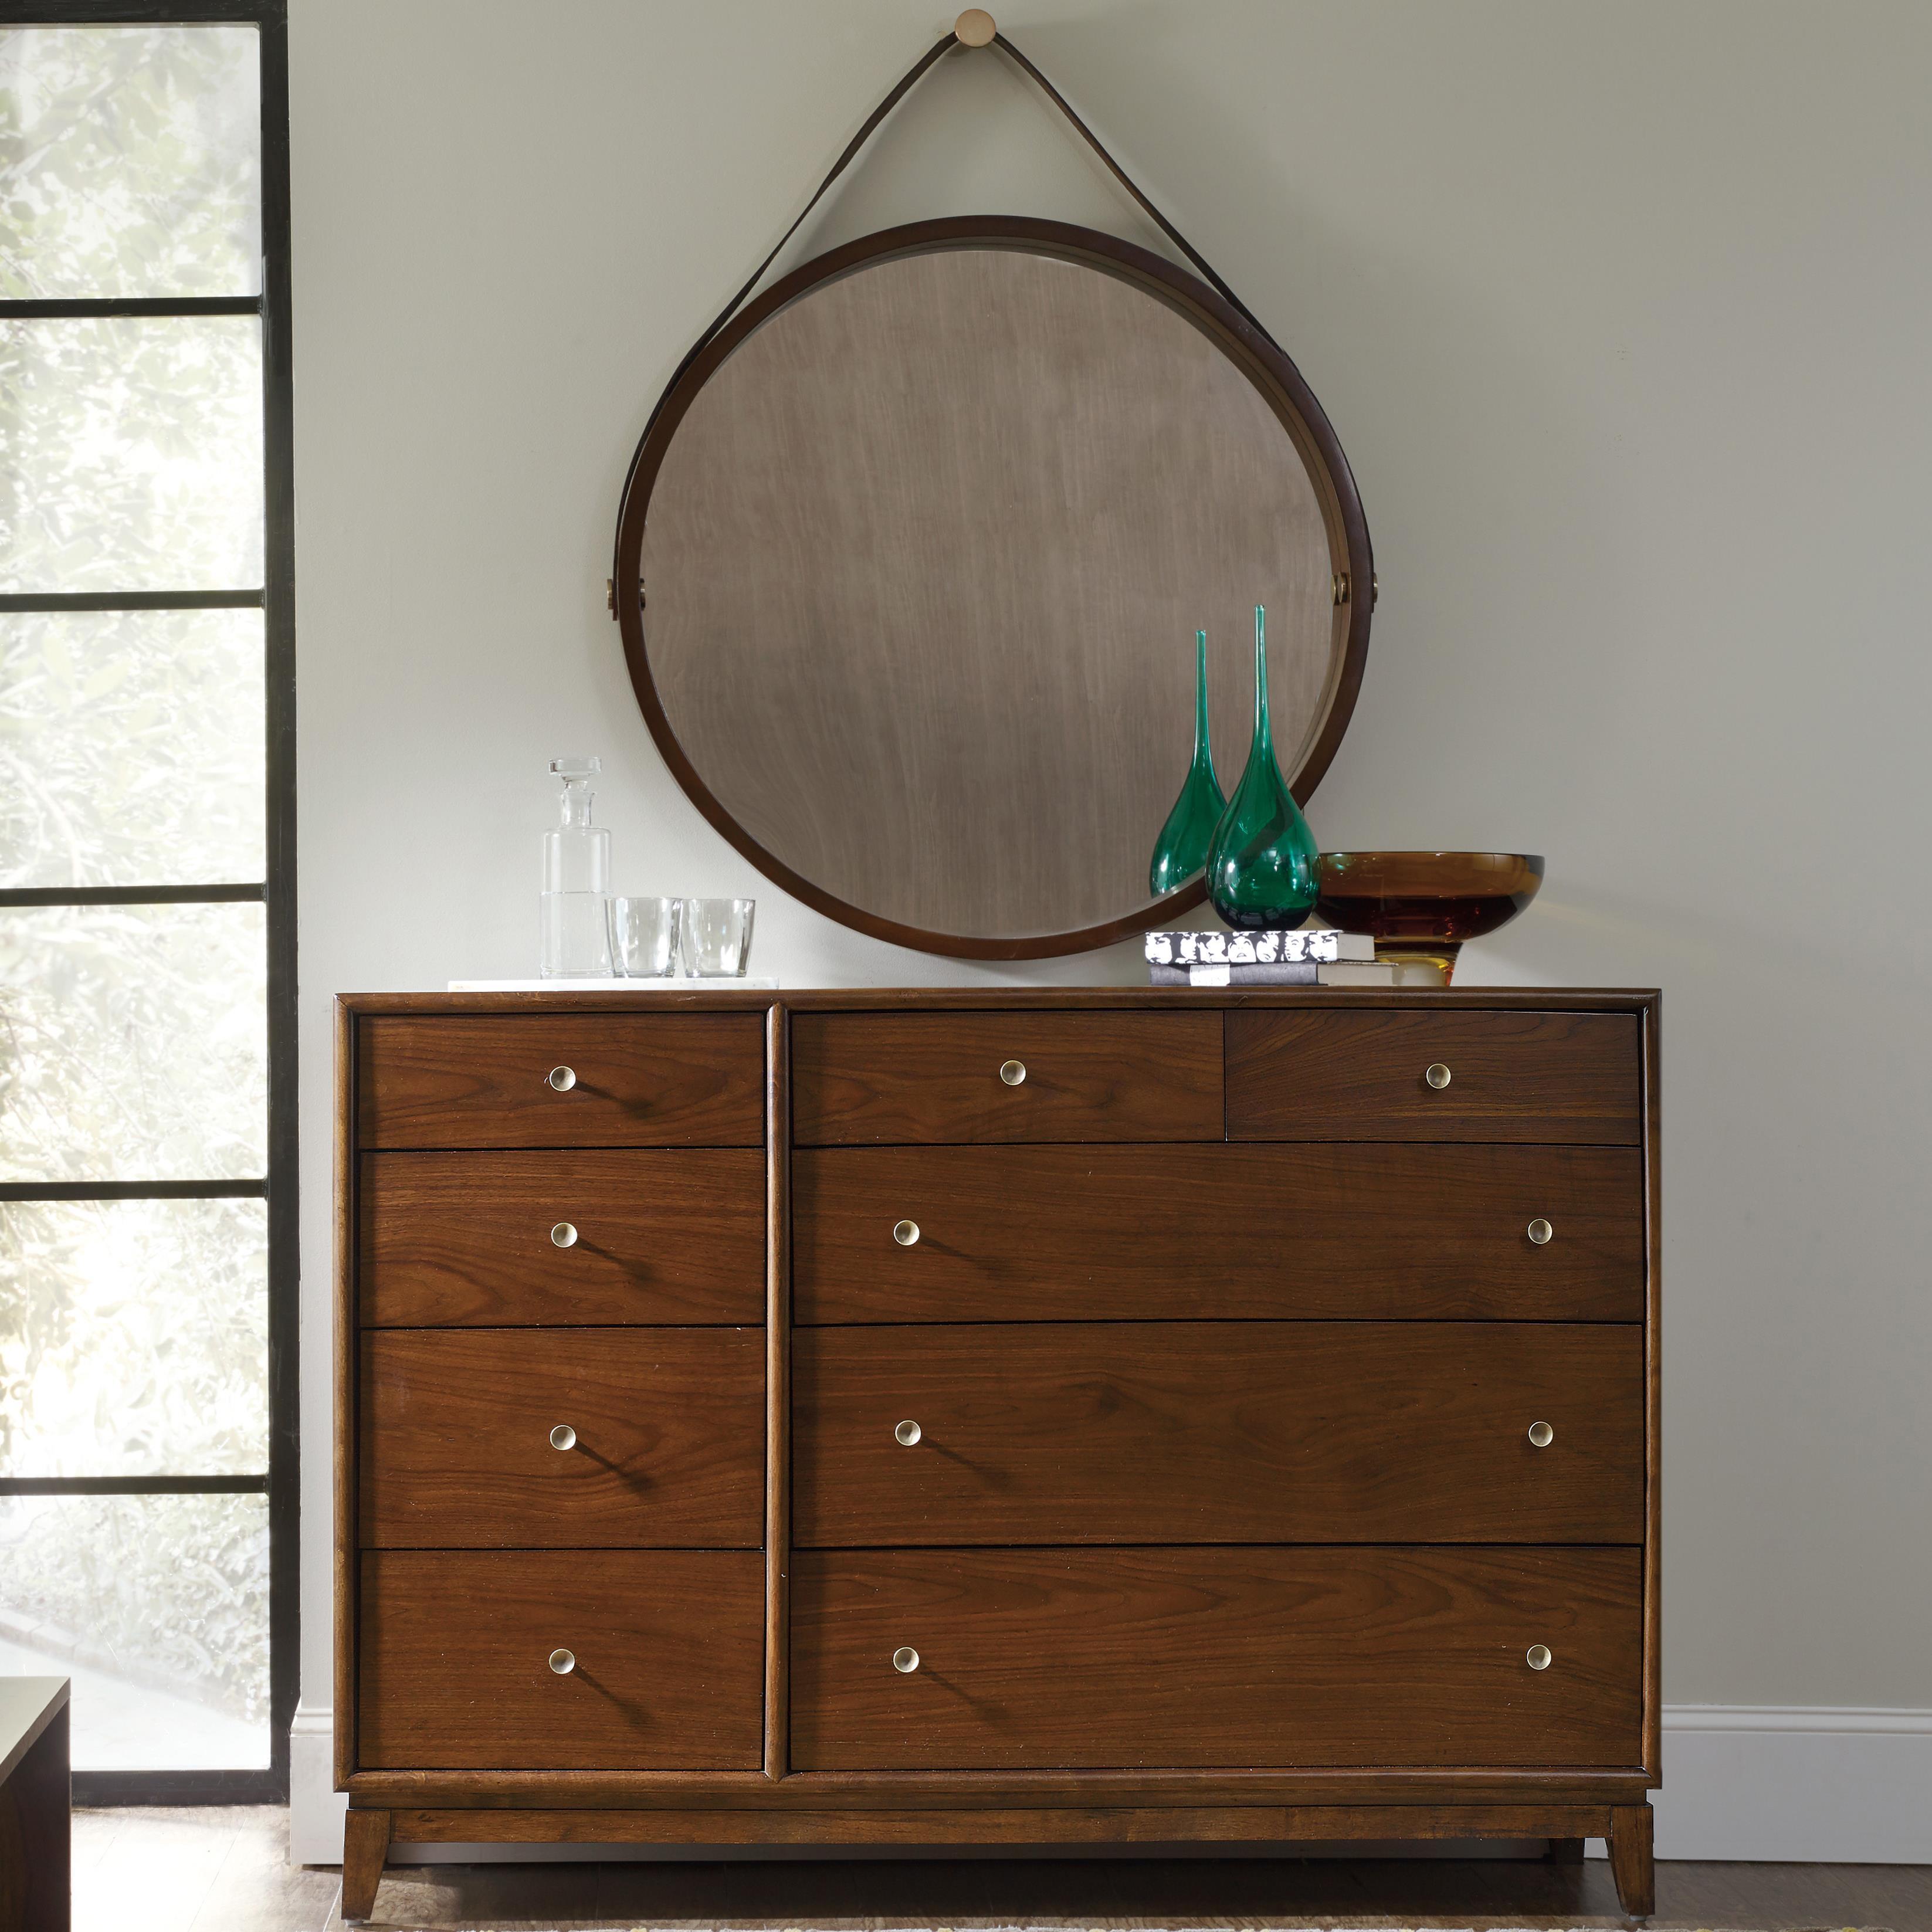 Studio 7H Sans Serif Dresser and Portal Mirror Set by Hooker Furniture at Baer's Furniture